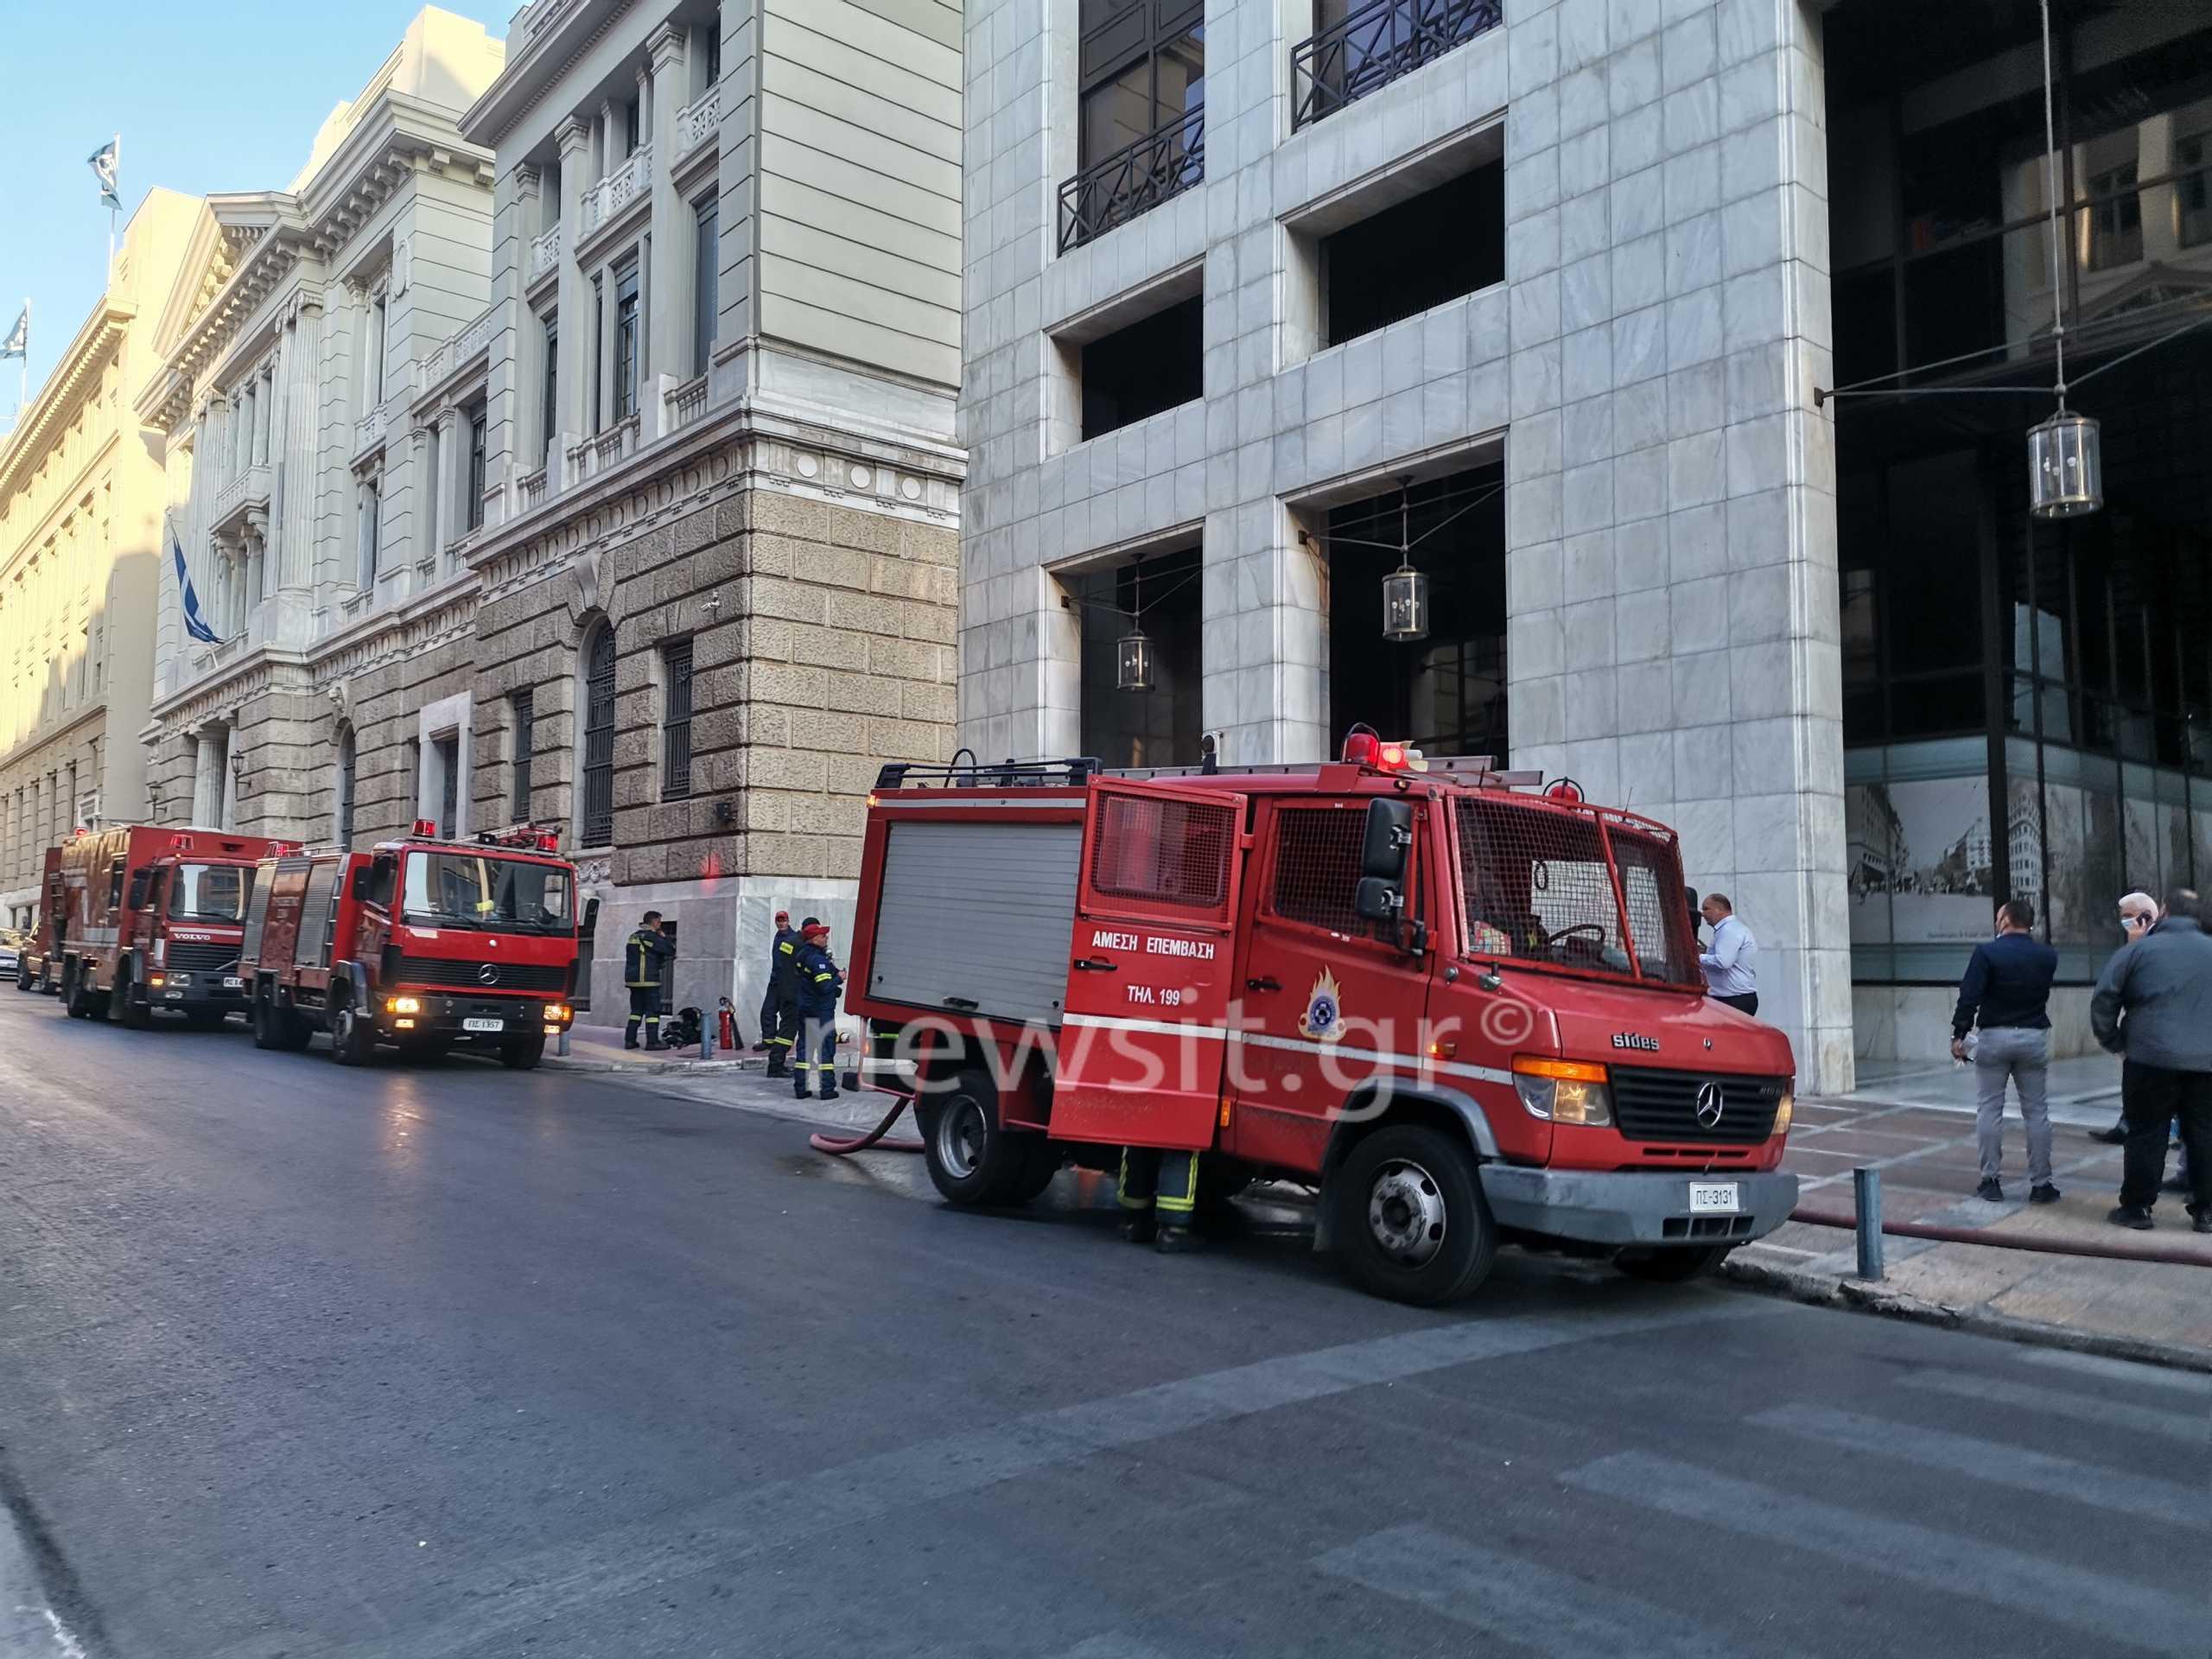 Φωτιά σε κτίριο τράπεζας στην οδό Σταδίου